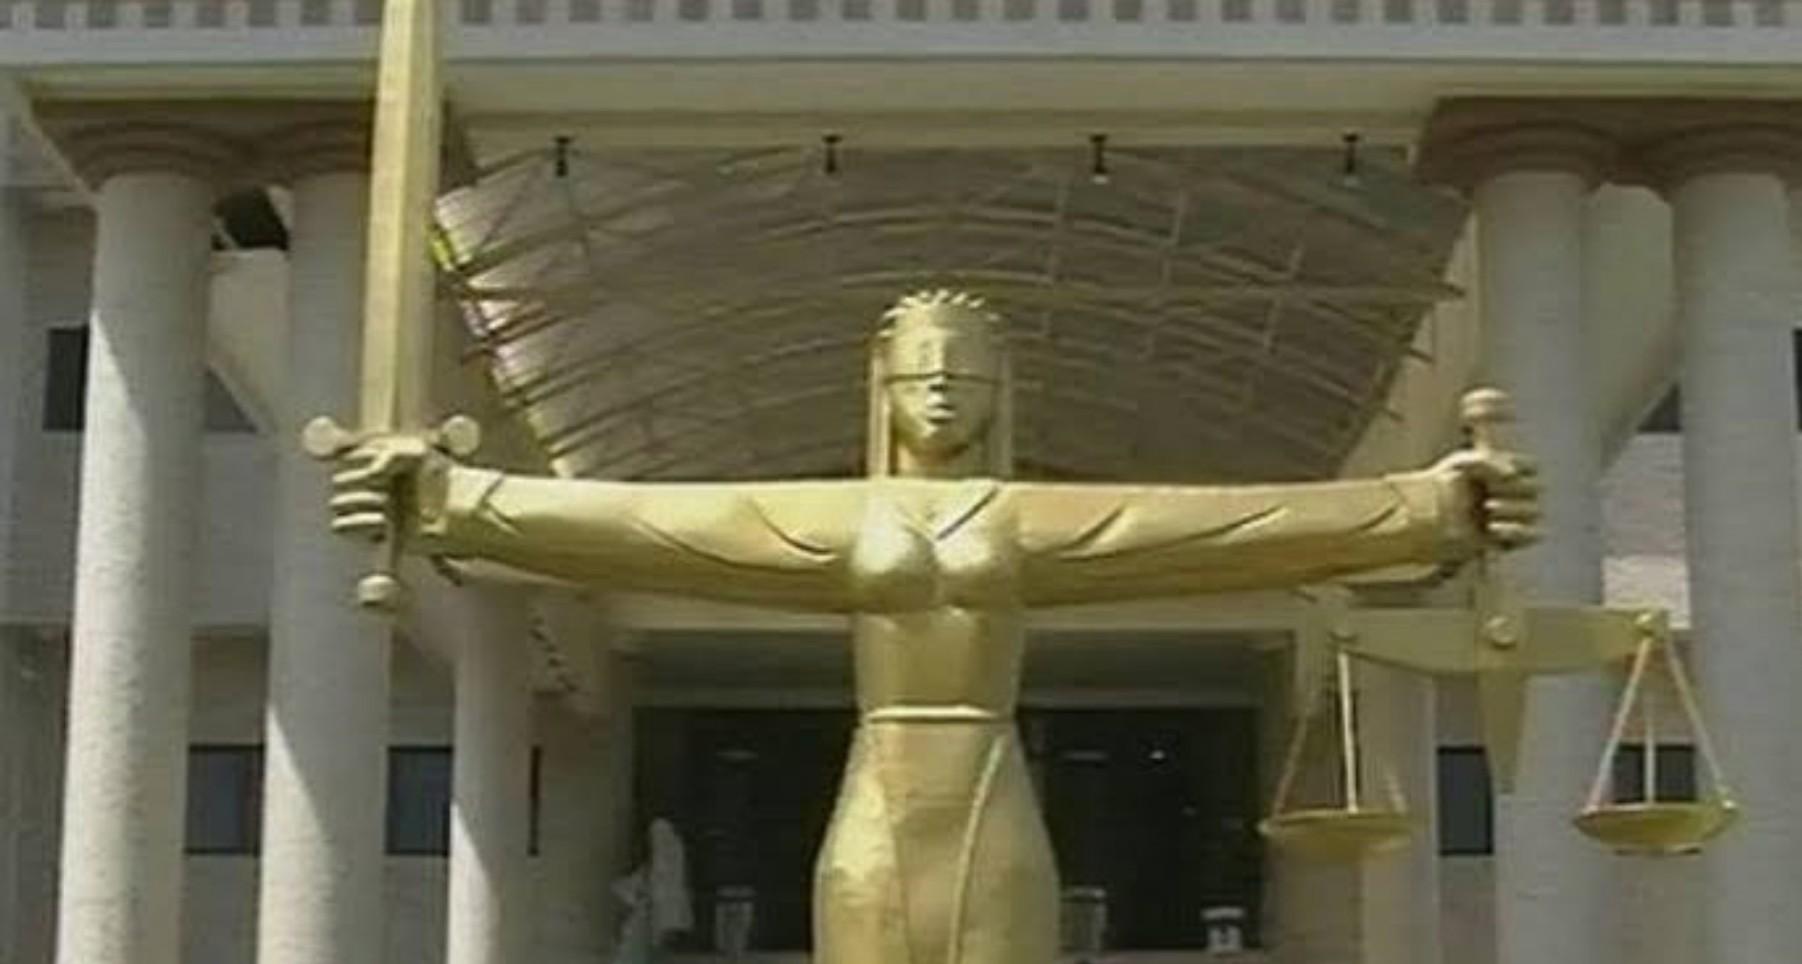 Appeal Court dismisses case seeking to nullify Bayelsa, Kogi elections